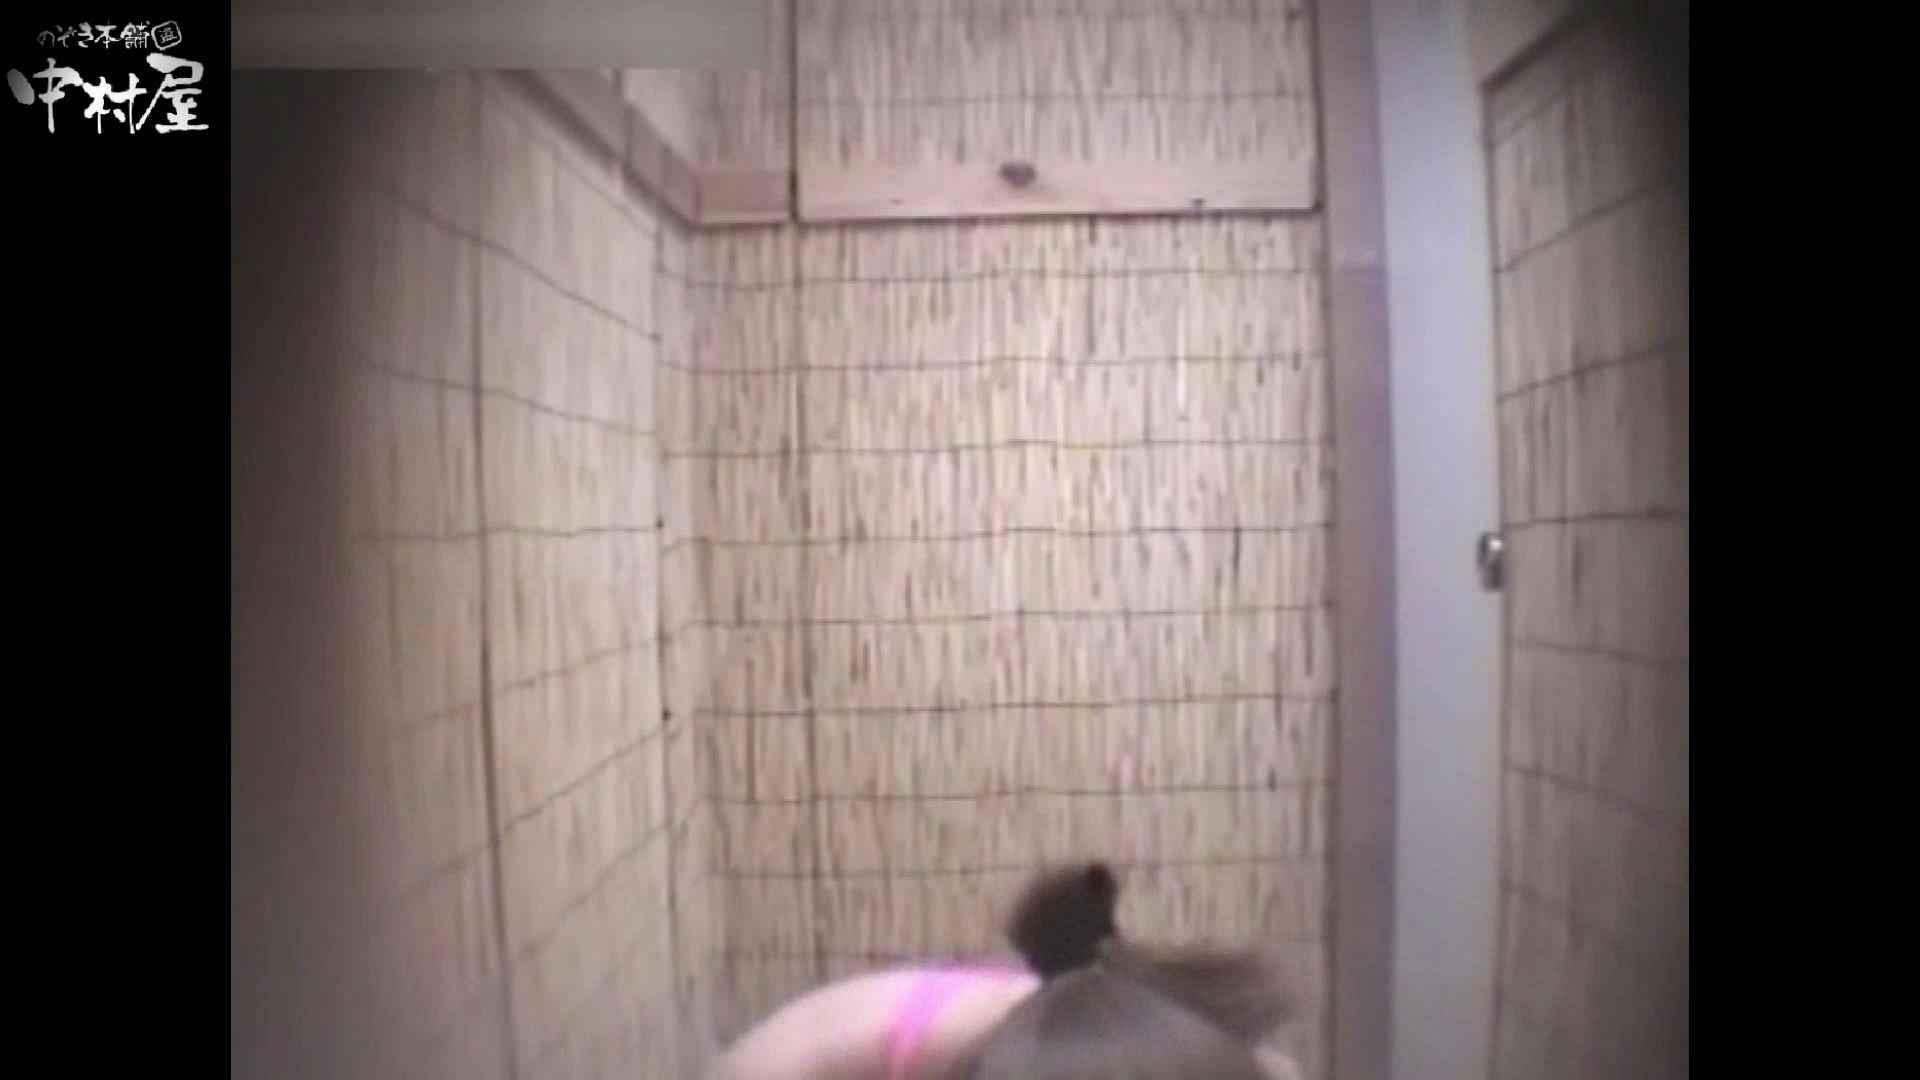 解禁!海の家4カメ洗面所vol.72 人気シリーズ すけべAV動画紹介 77PIX 11